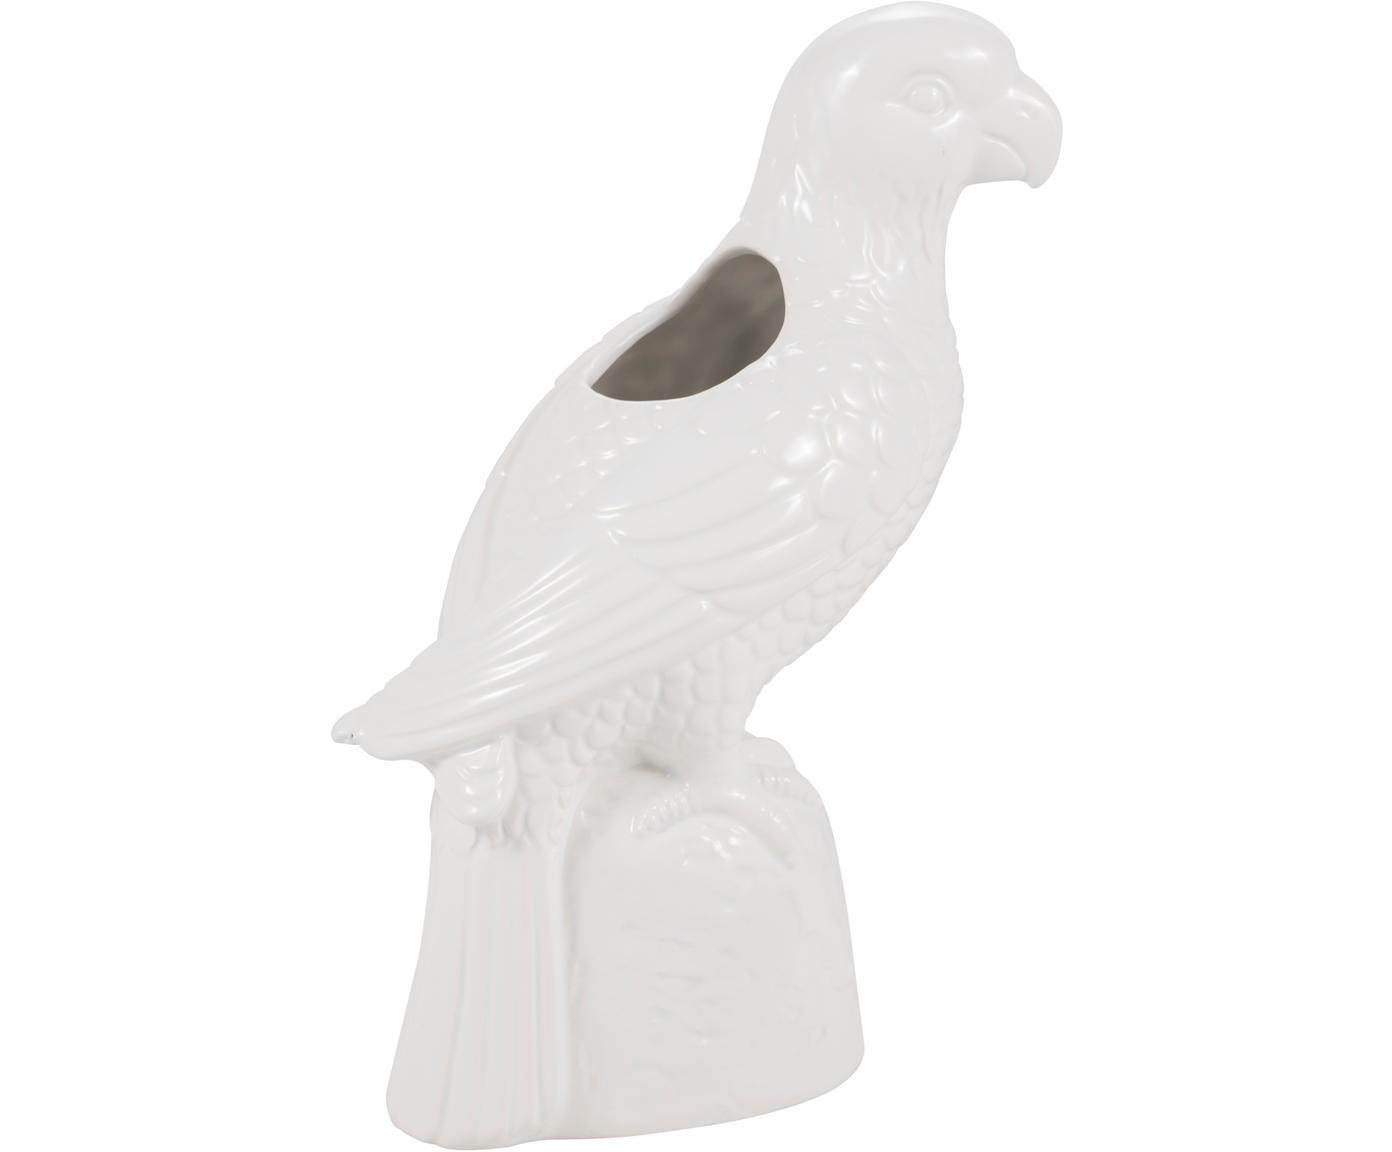 Vase Macaw aus Steingut, Steingut, Weiß, 20 x 28 cm